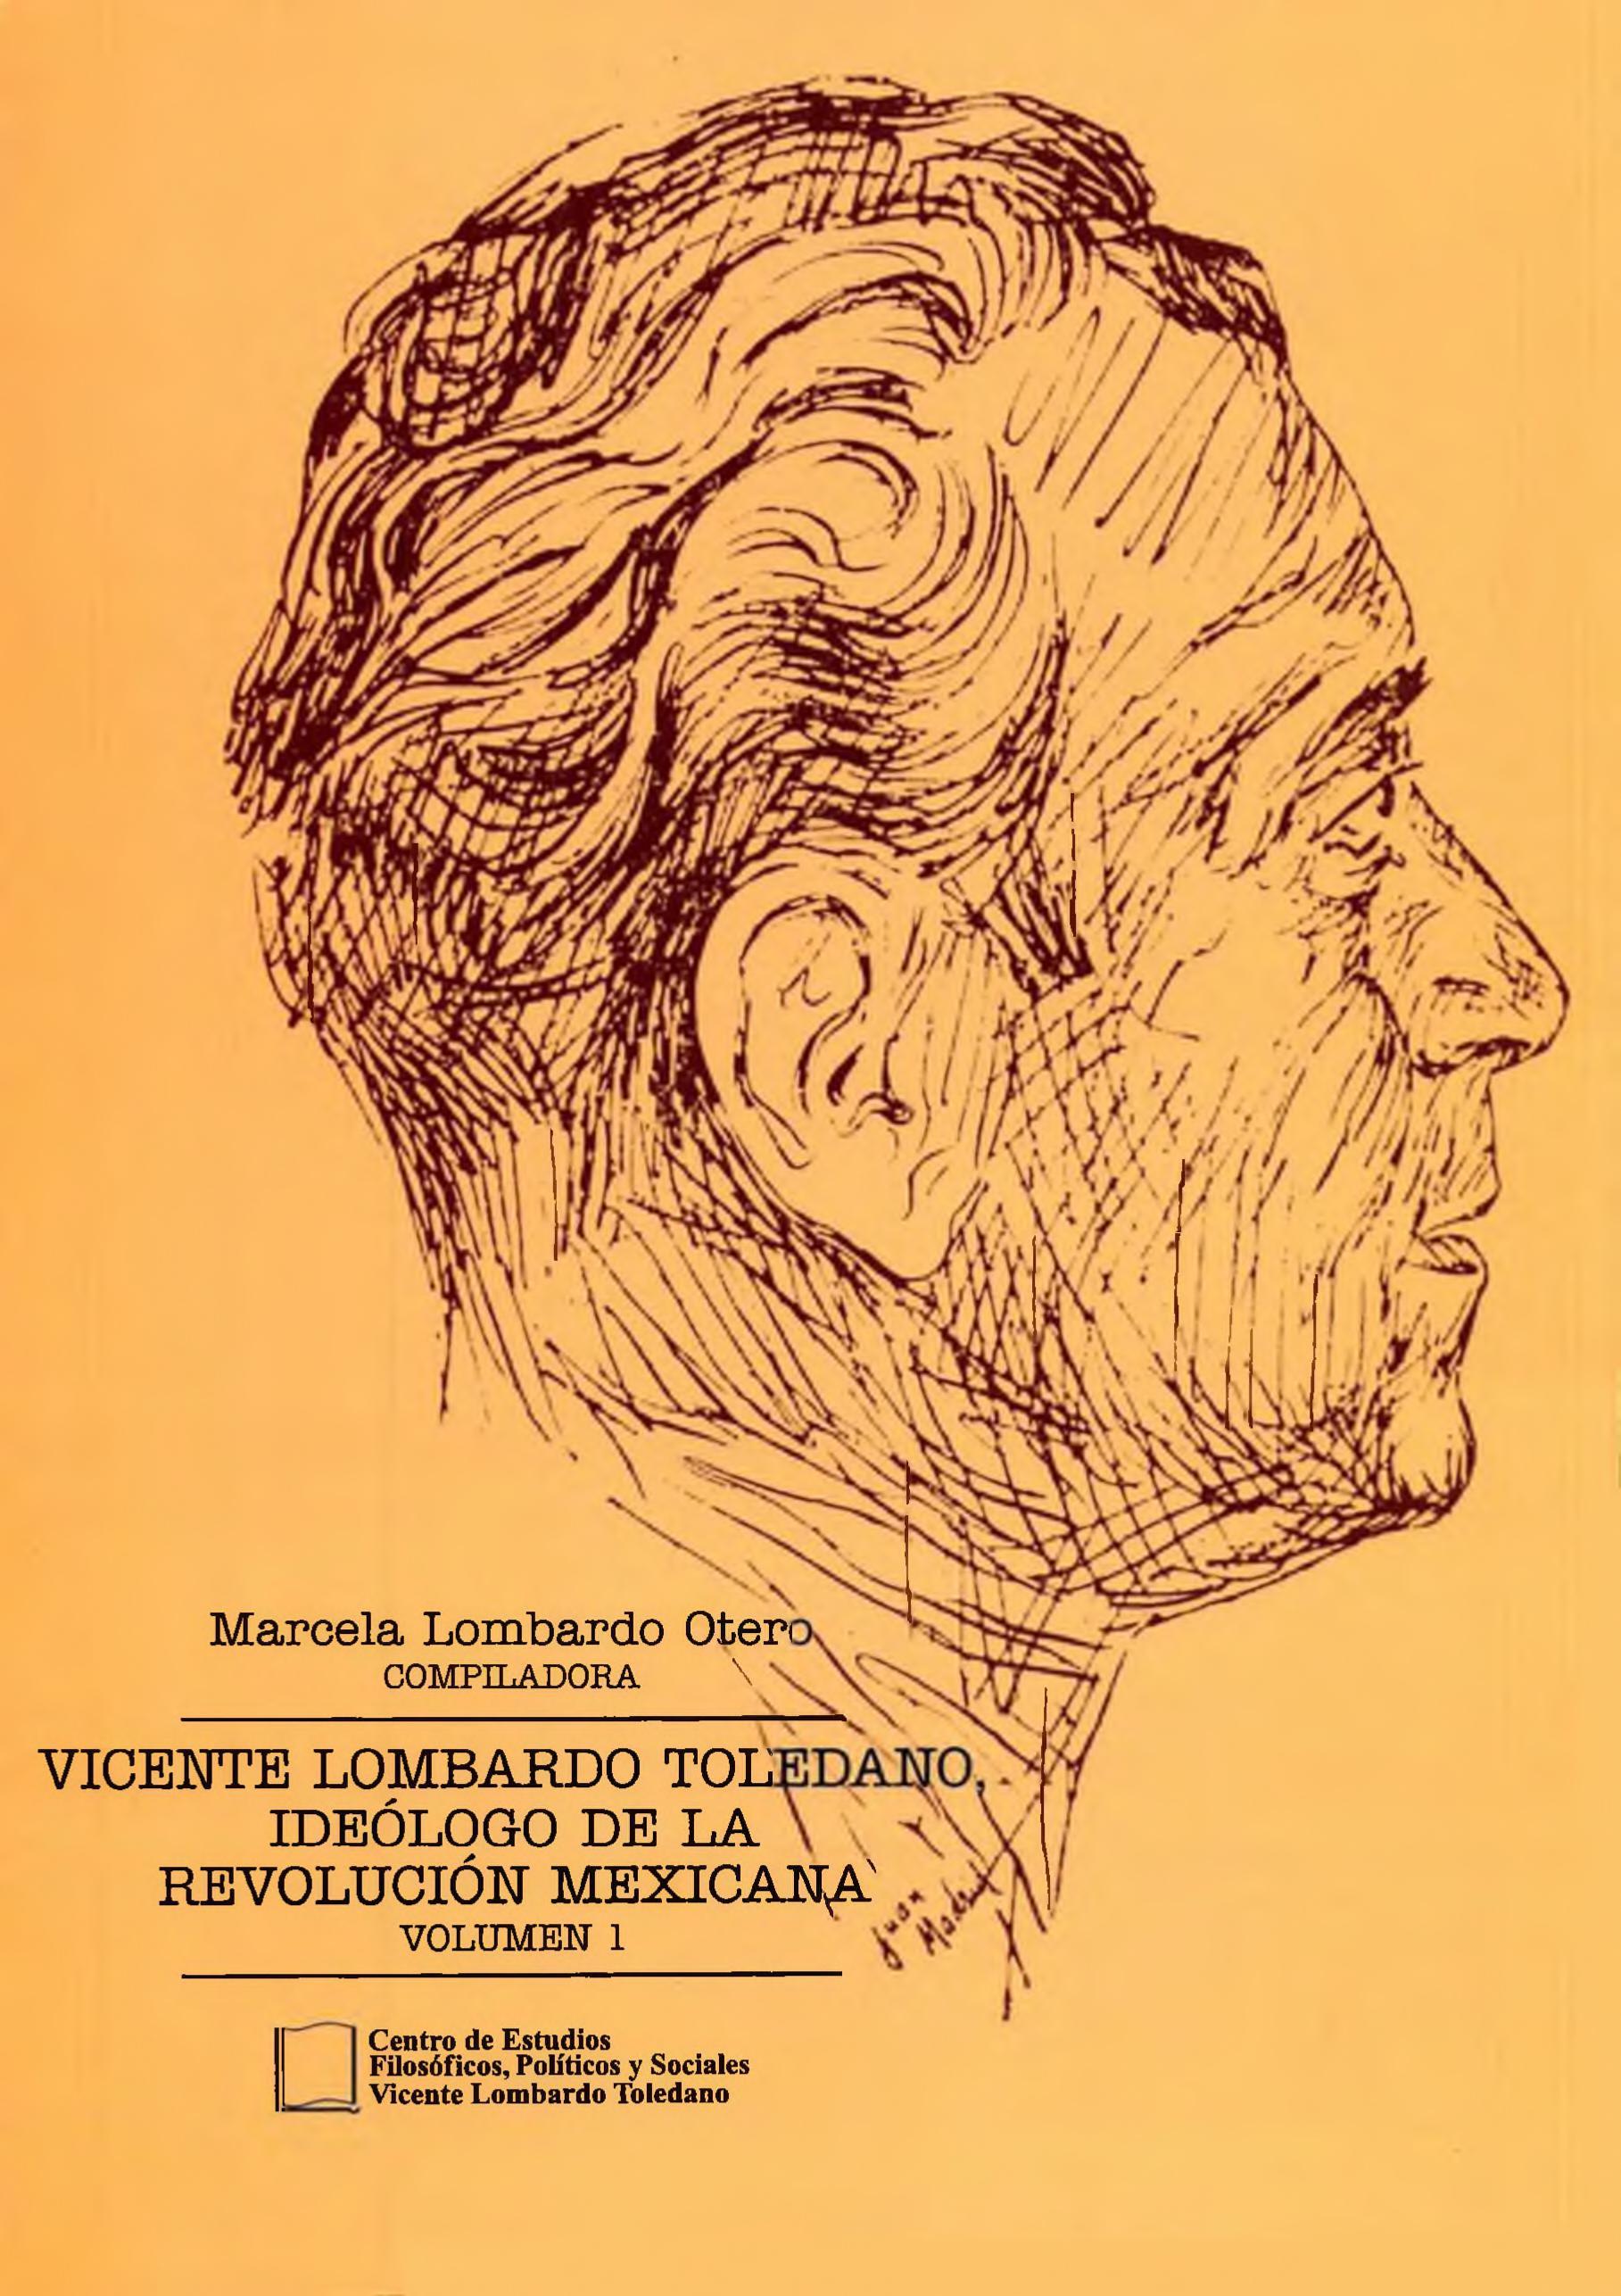 Portada del libro: VICENTE LOMBARDO TOLEDANO, IDEÓLOGO DE LA REVOLUCIÓN MEXICANA VOL. 1